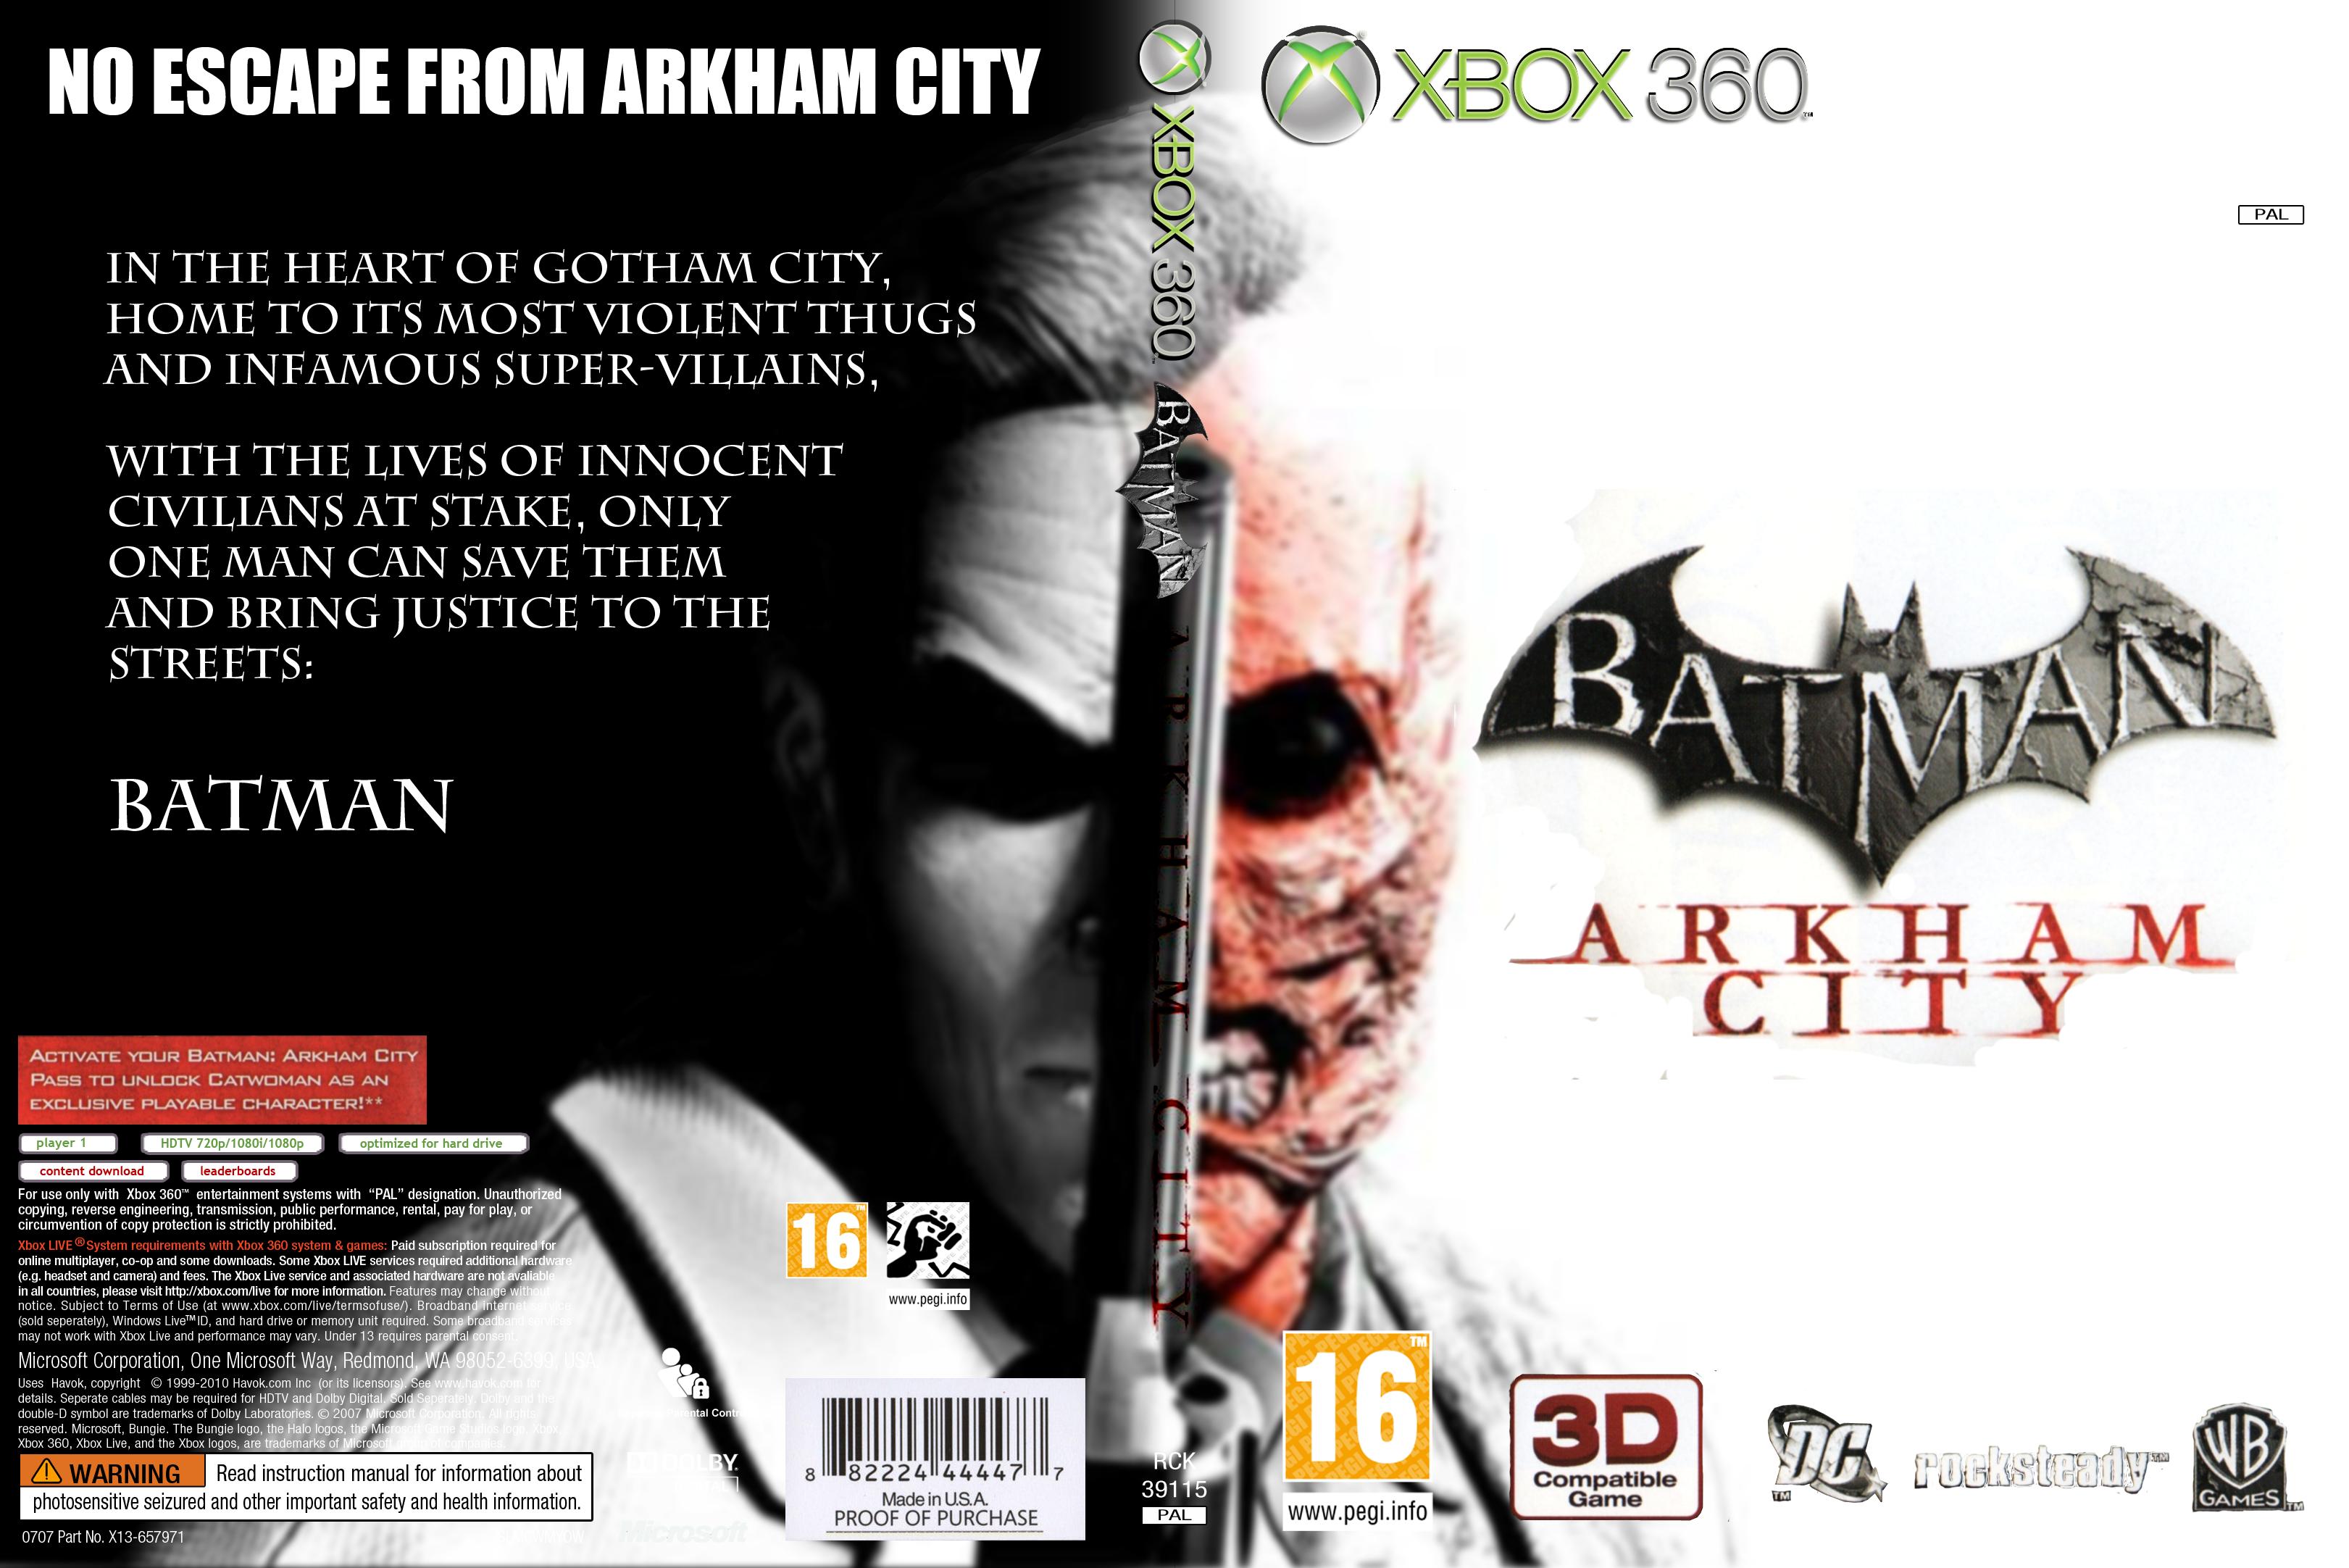 Download Free Batman Arkham City Proper Crack